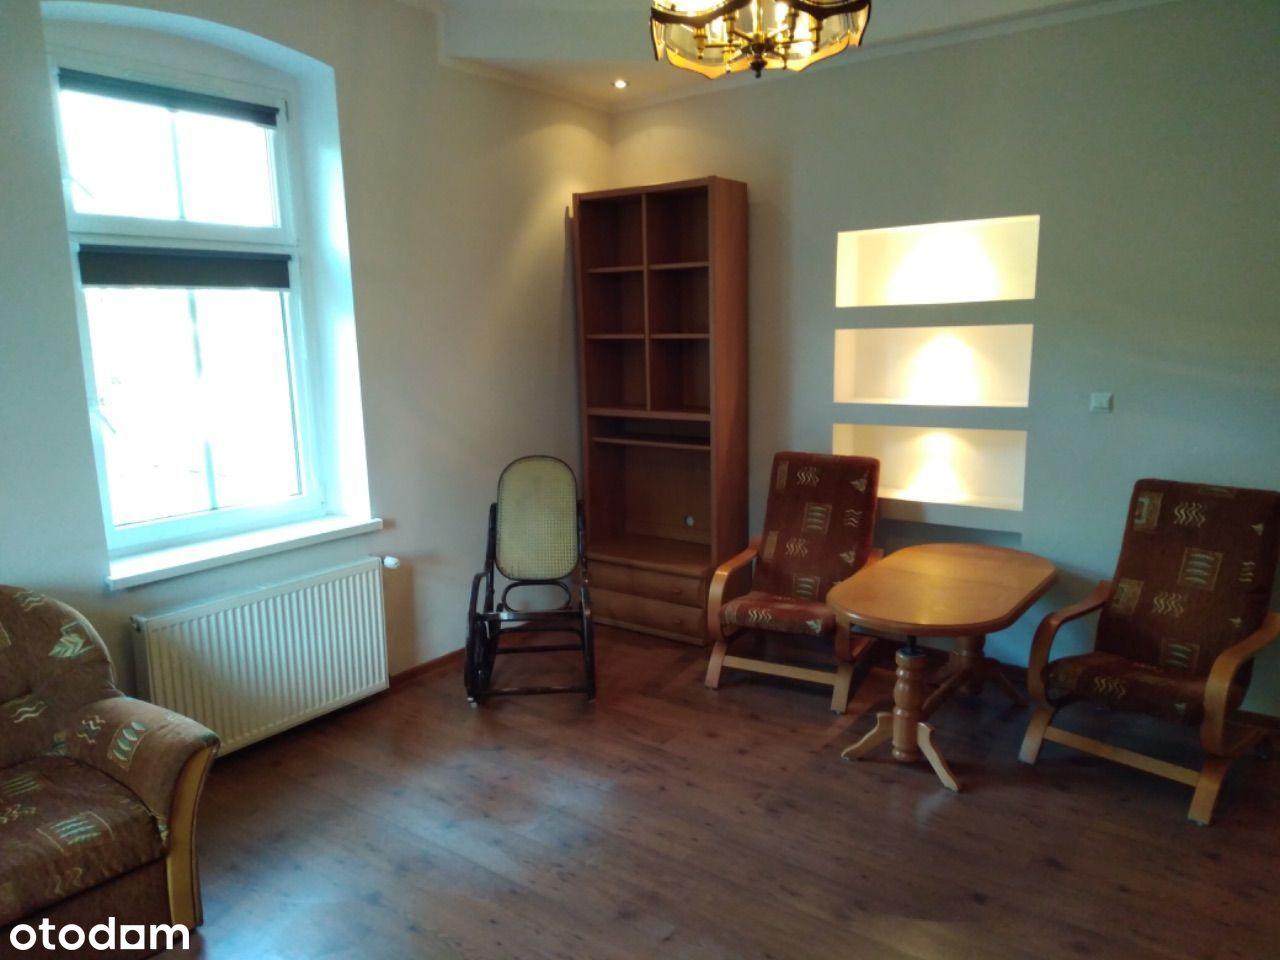 Sprzedam komfortowe mieszkanie 125m kw w Legnicy